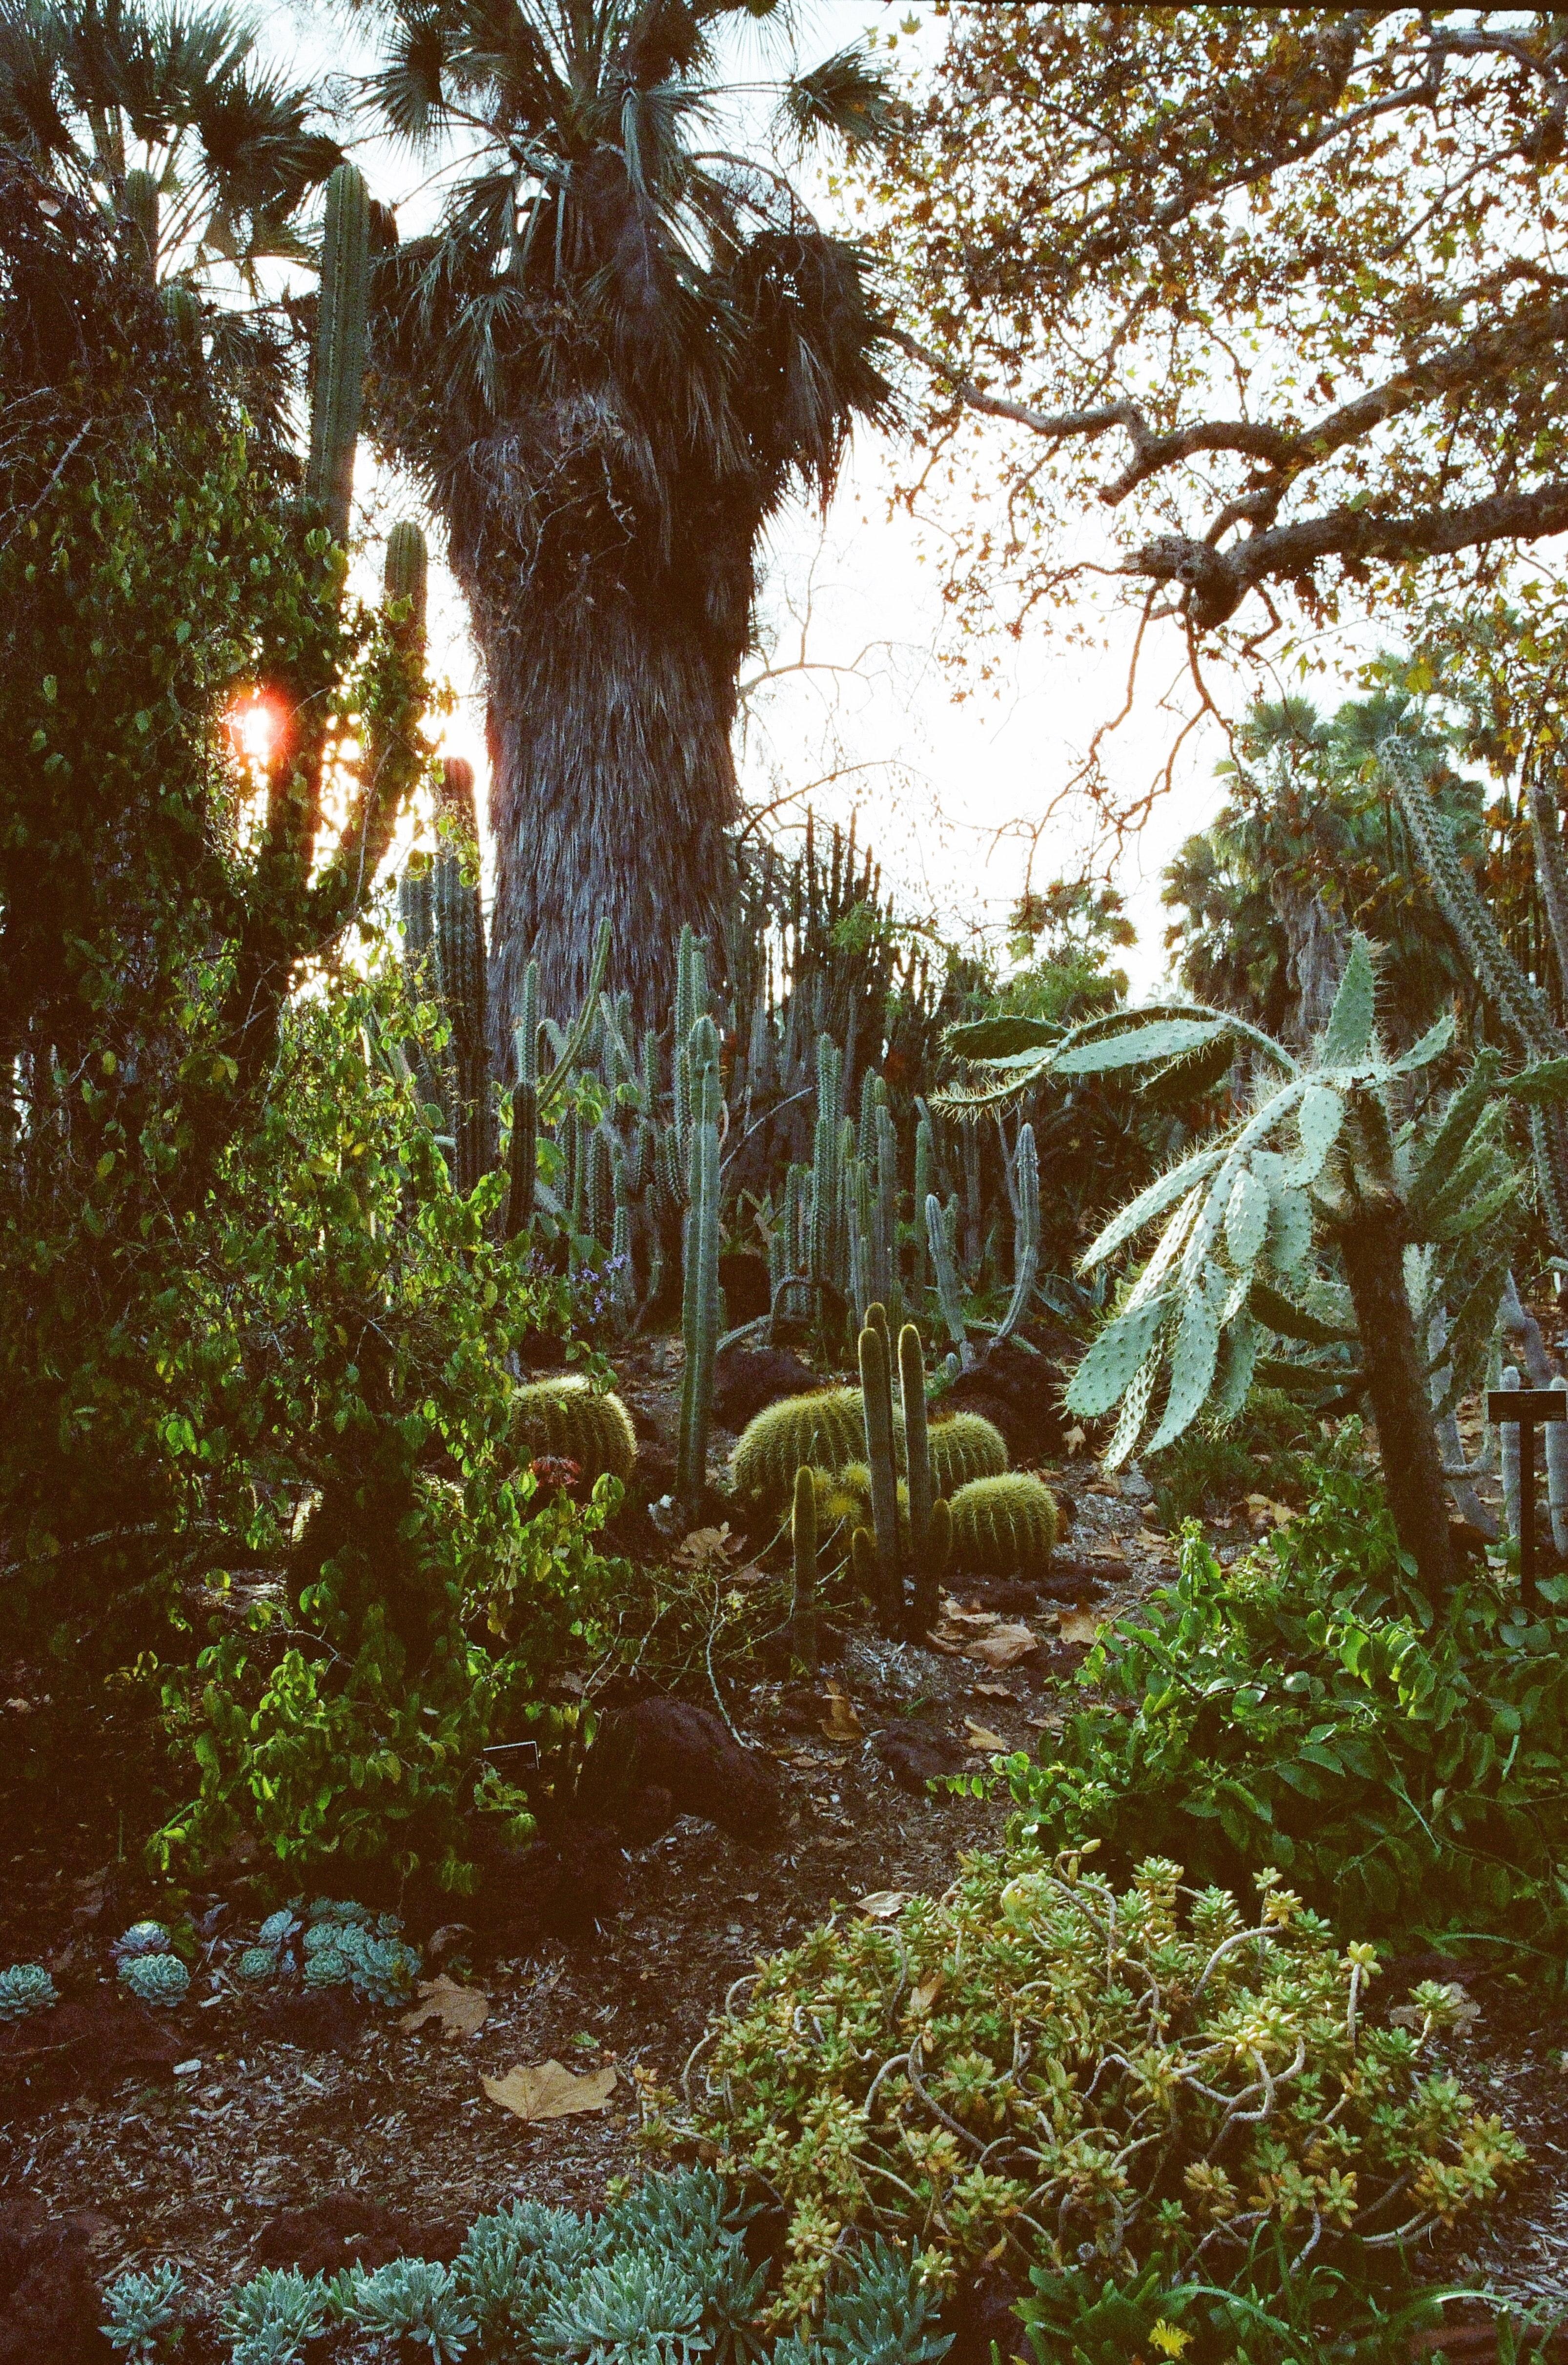 64108 Hintergrundbild herunterladen Pflanzen, Natur, Kakteen, Palms, Garten, Arboretum - Bildschirmschoner und Bilder kostenlos